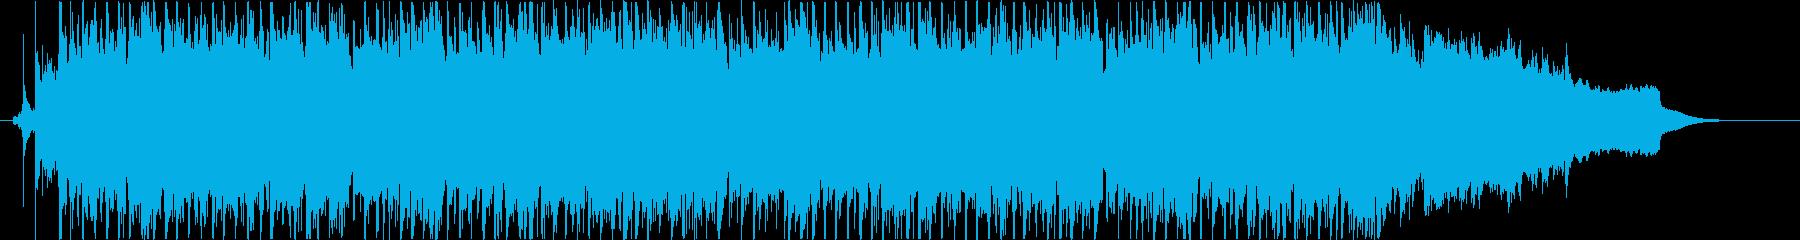 感動系ミディアムポップスの再生済みの波形